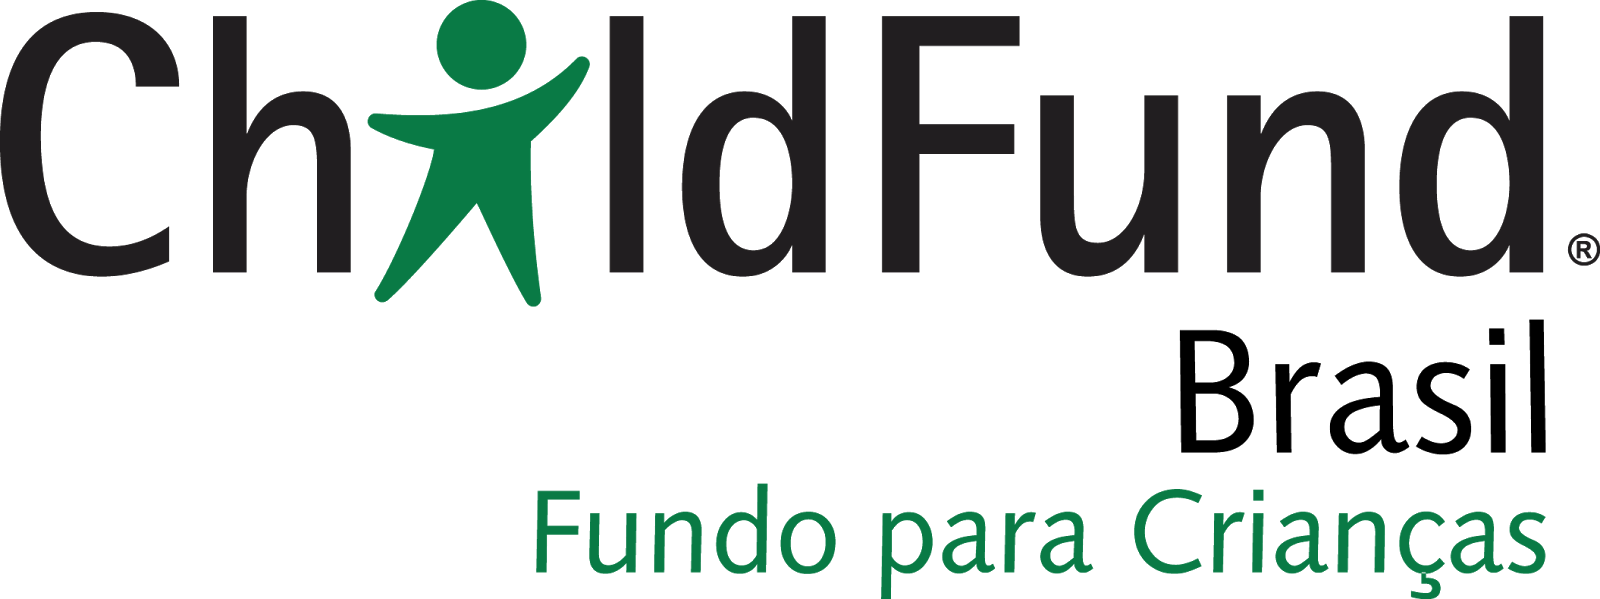 Child Fund